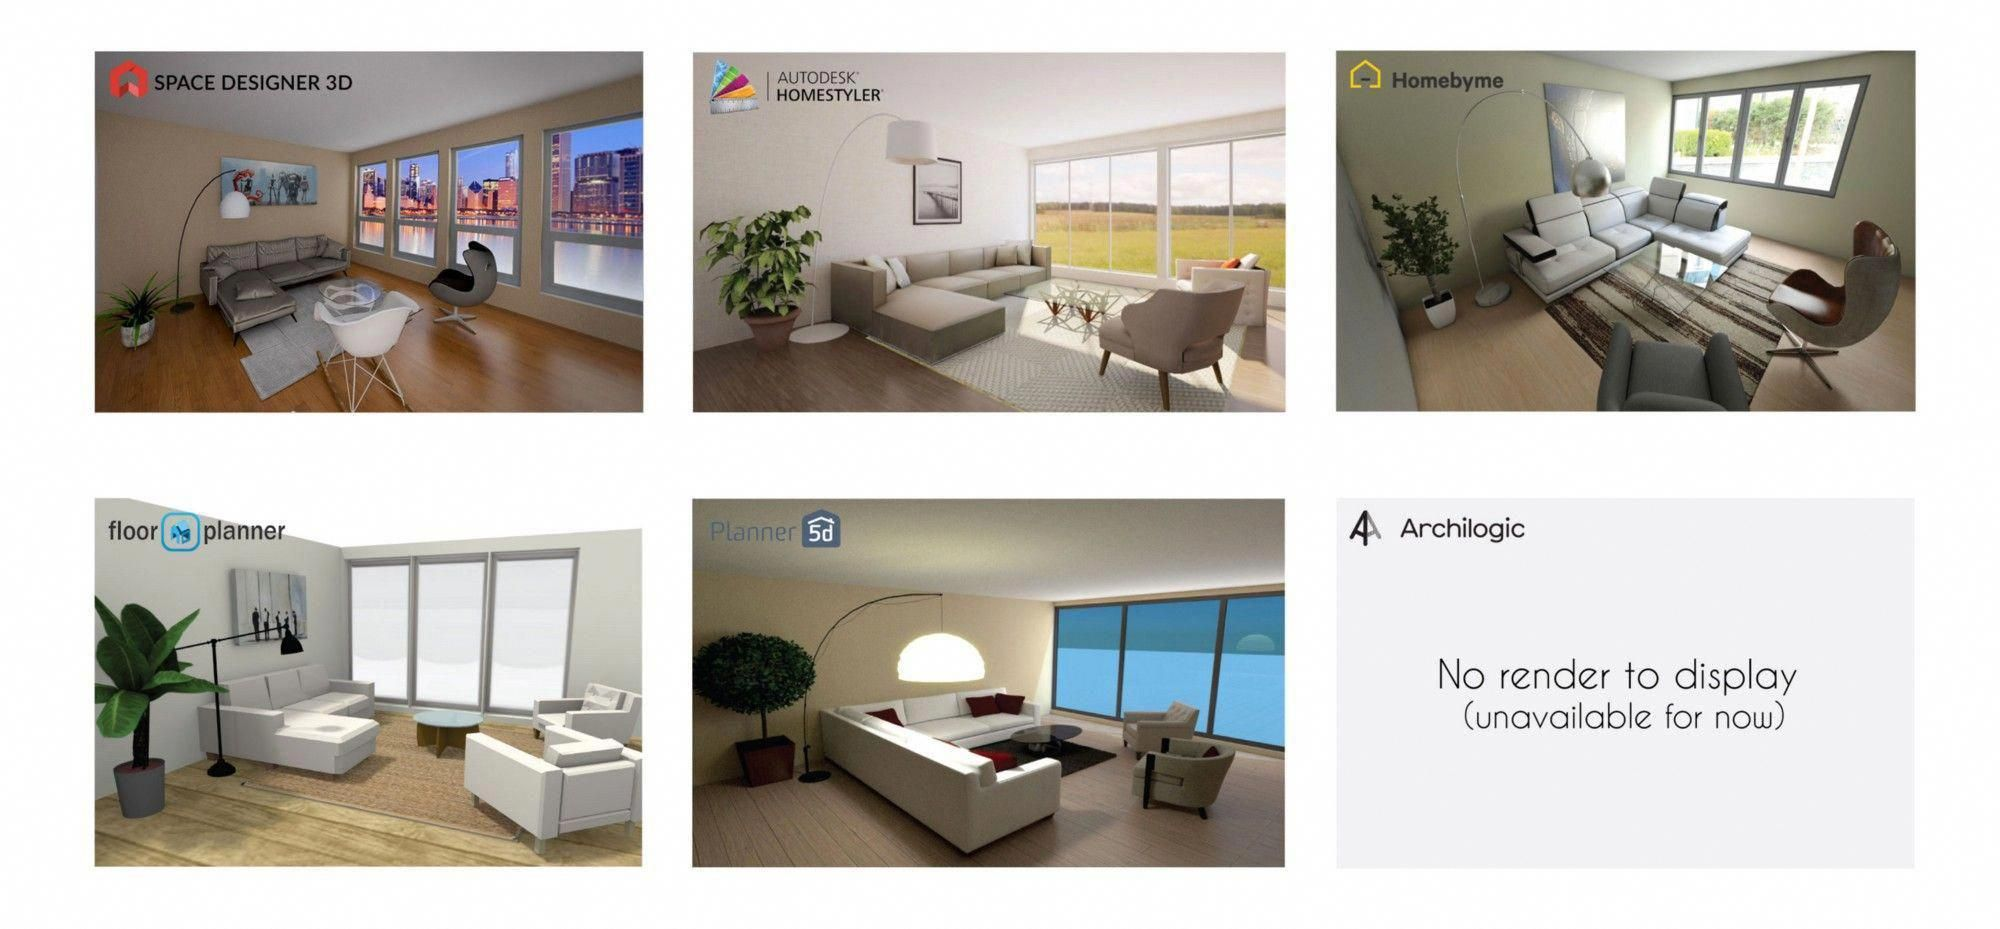 Interior design software rendering comparison interiordesignsoftware affordableinteriordesign also rh pinterest